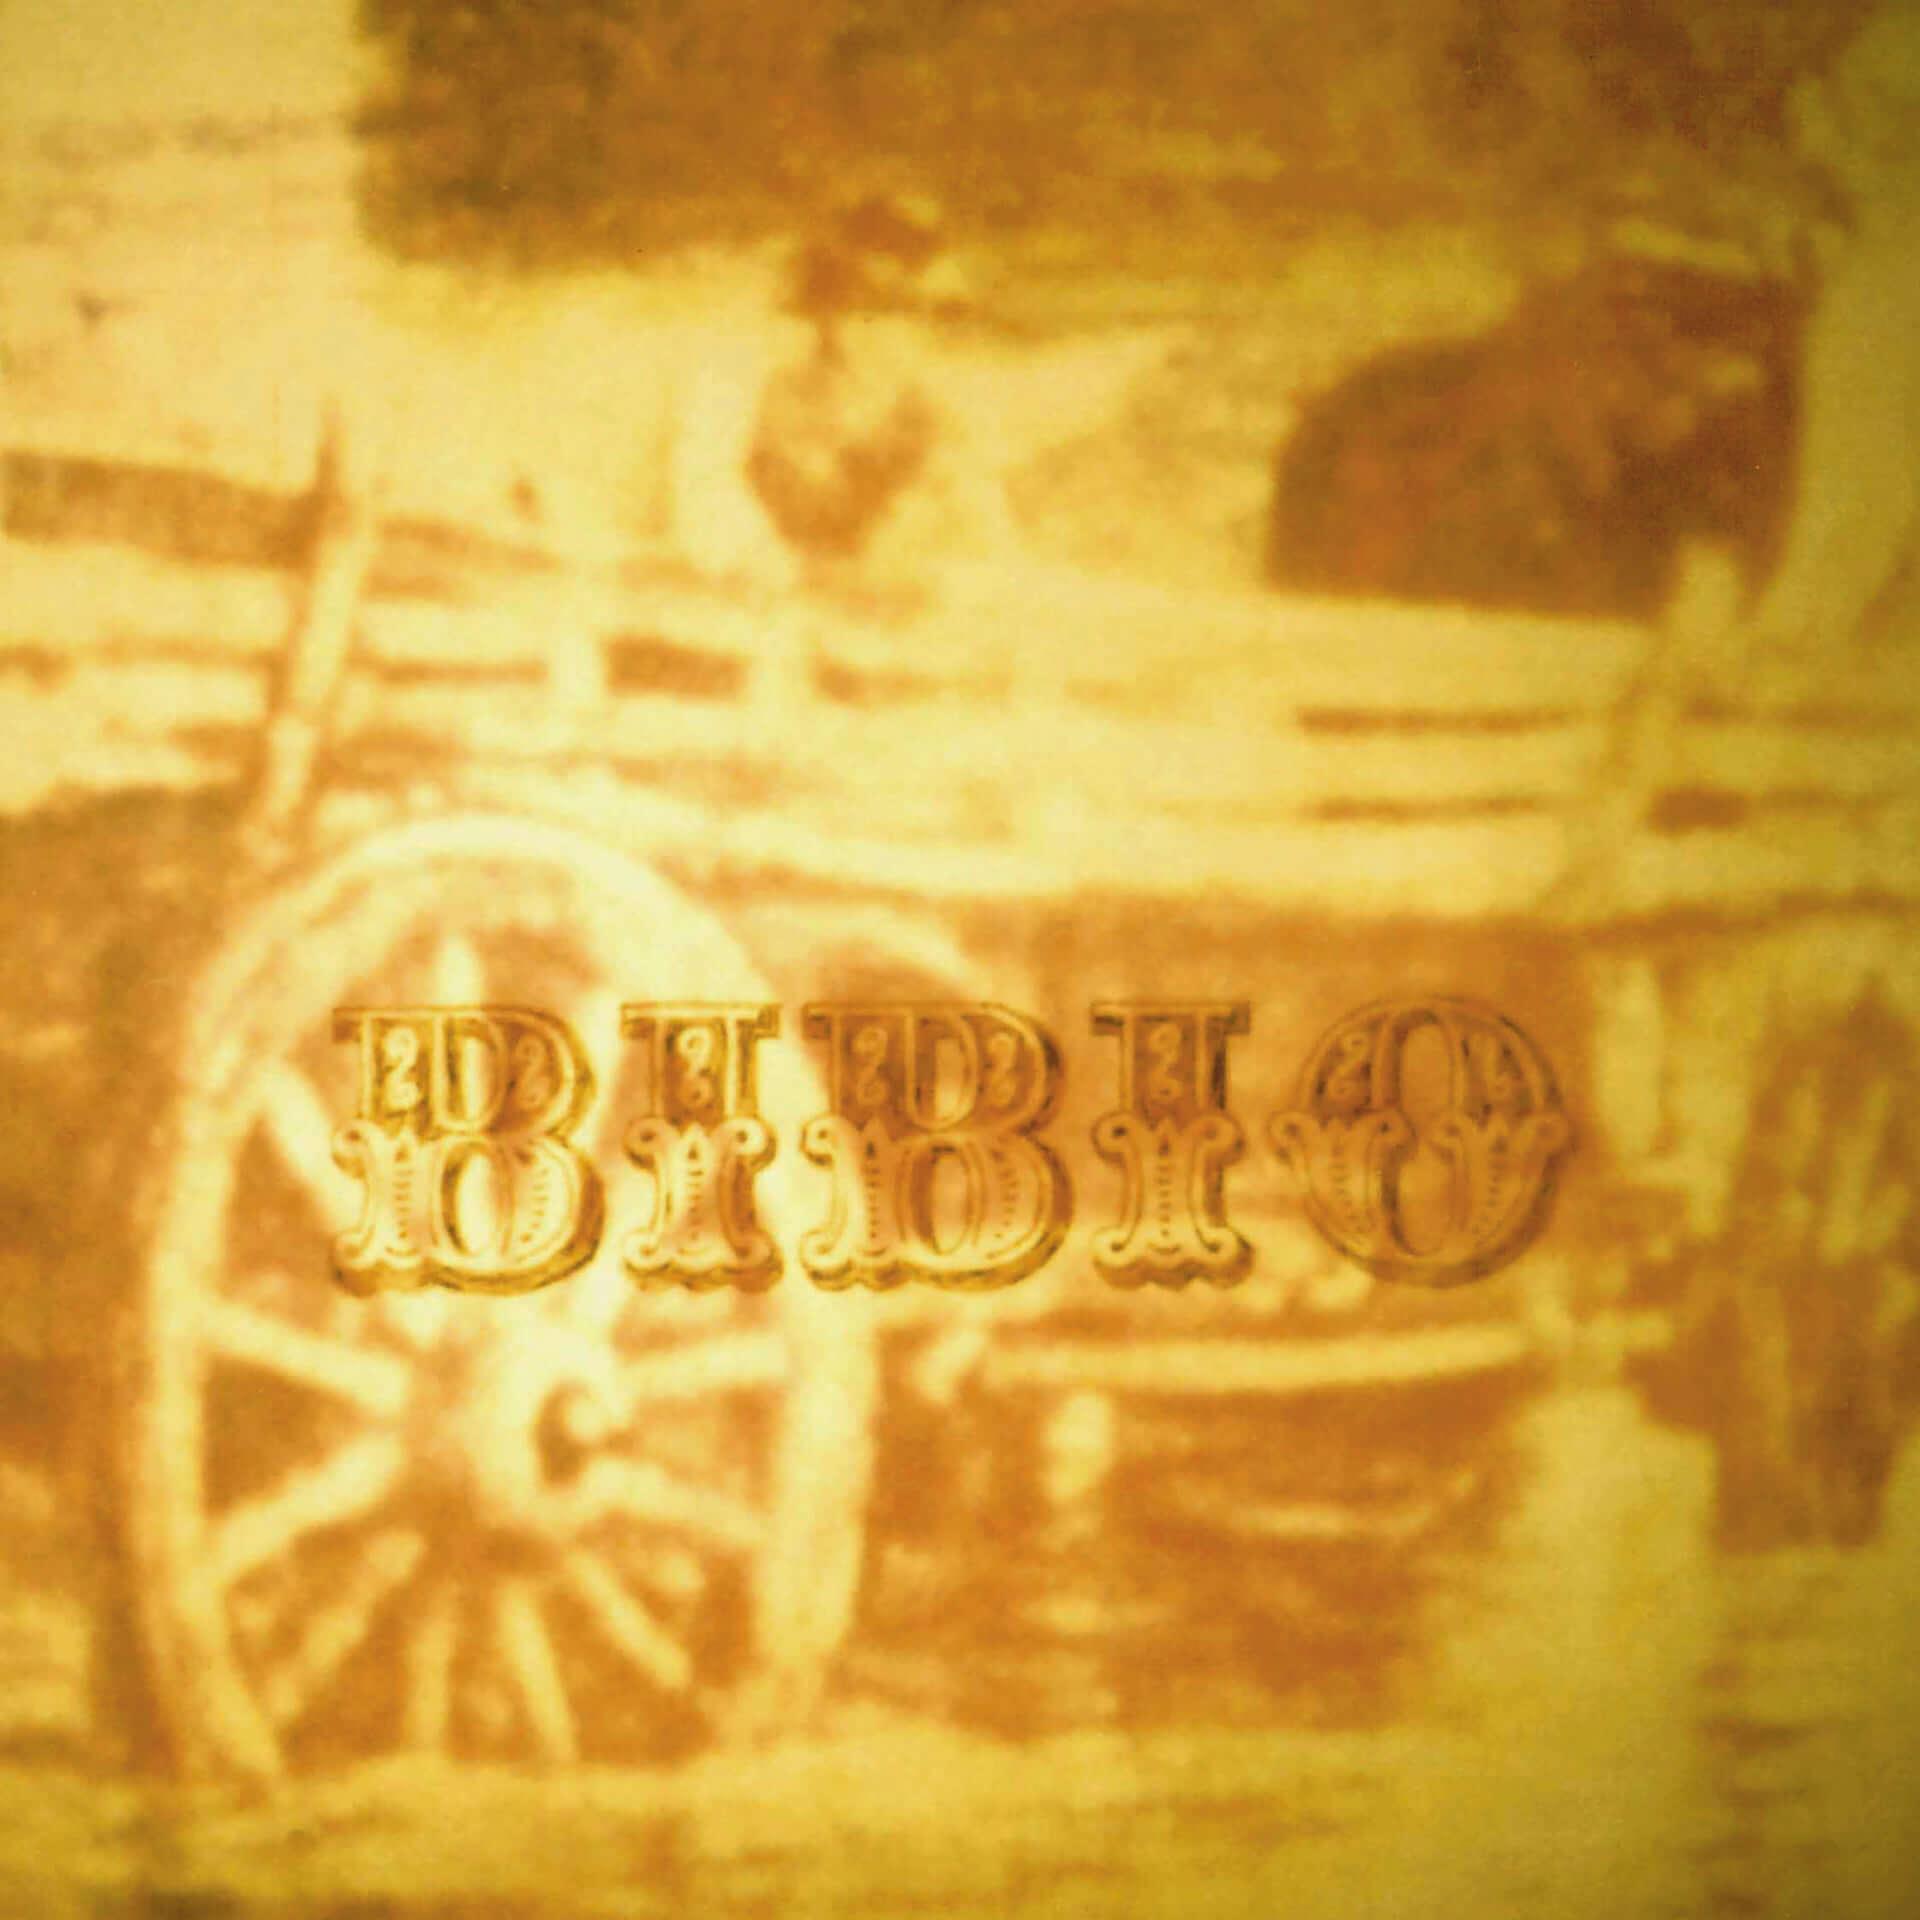 Bibioによる〈Mush〉期の名盤『Hand Cranked』が再発決定!初のCD化音源5曲&セルフライナーノーツも収録 music210119_bibio_1-1920x1920